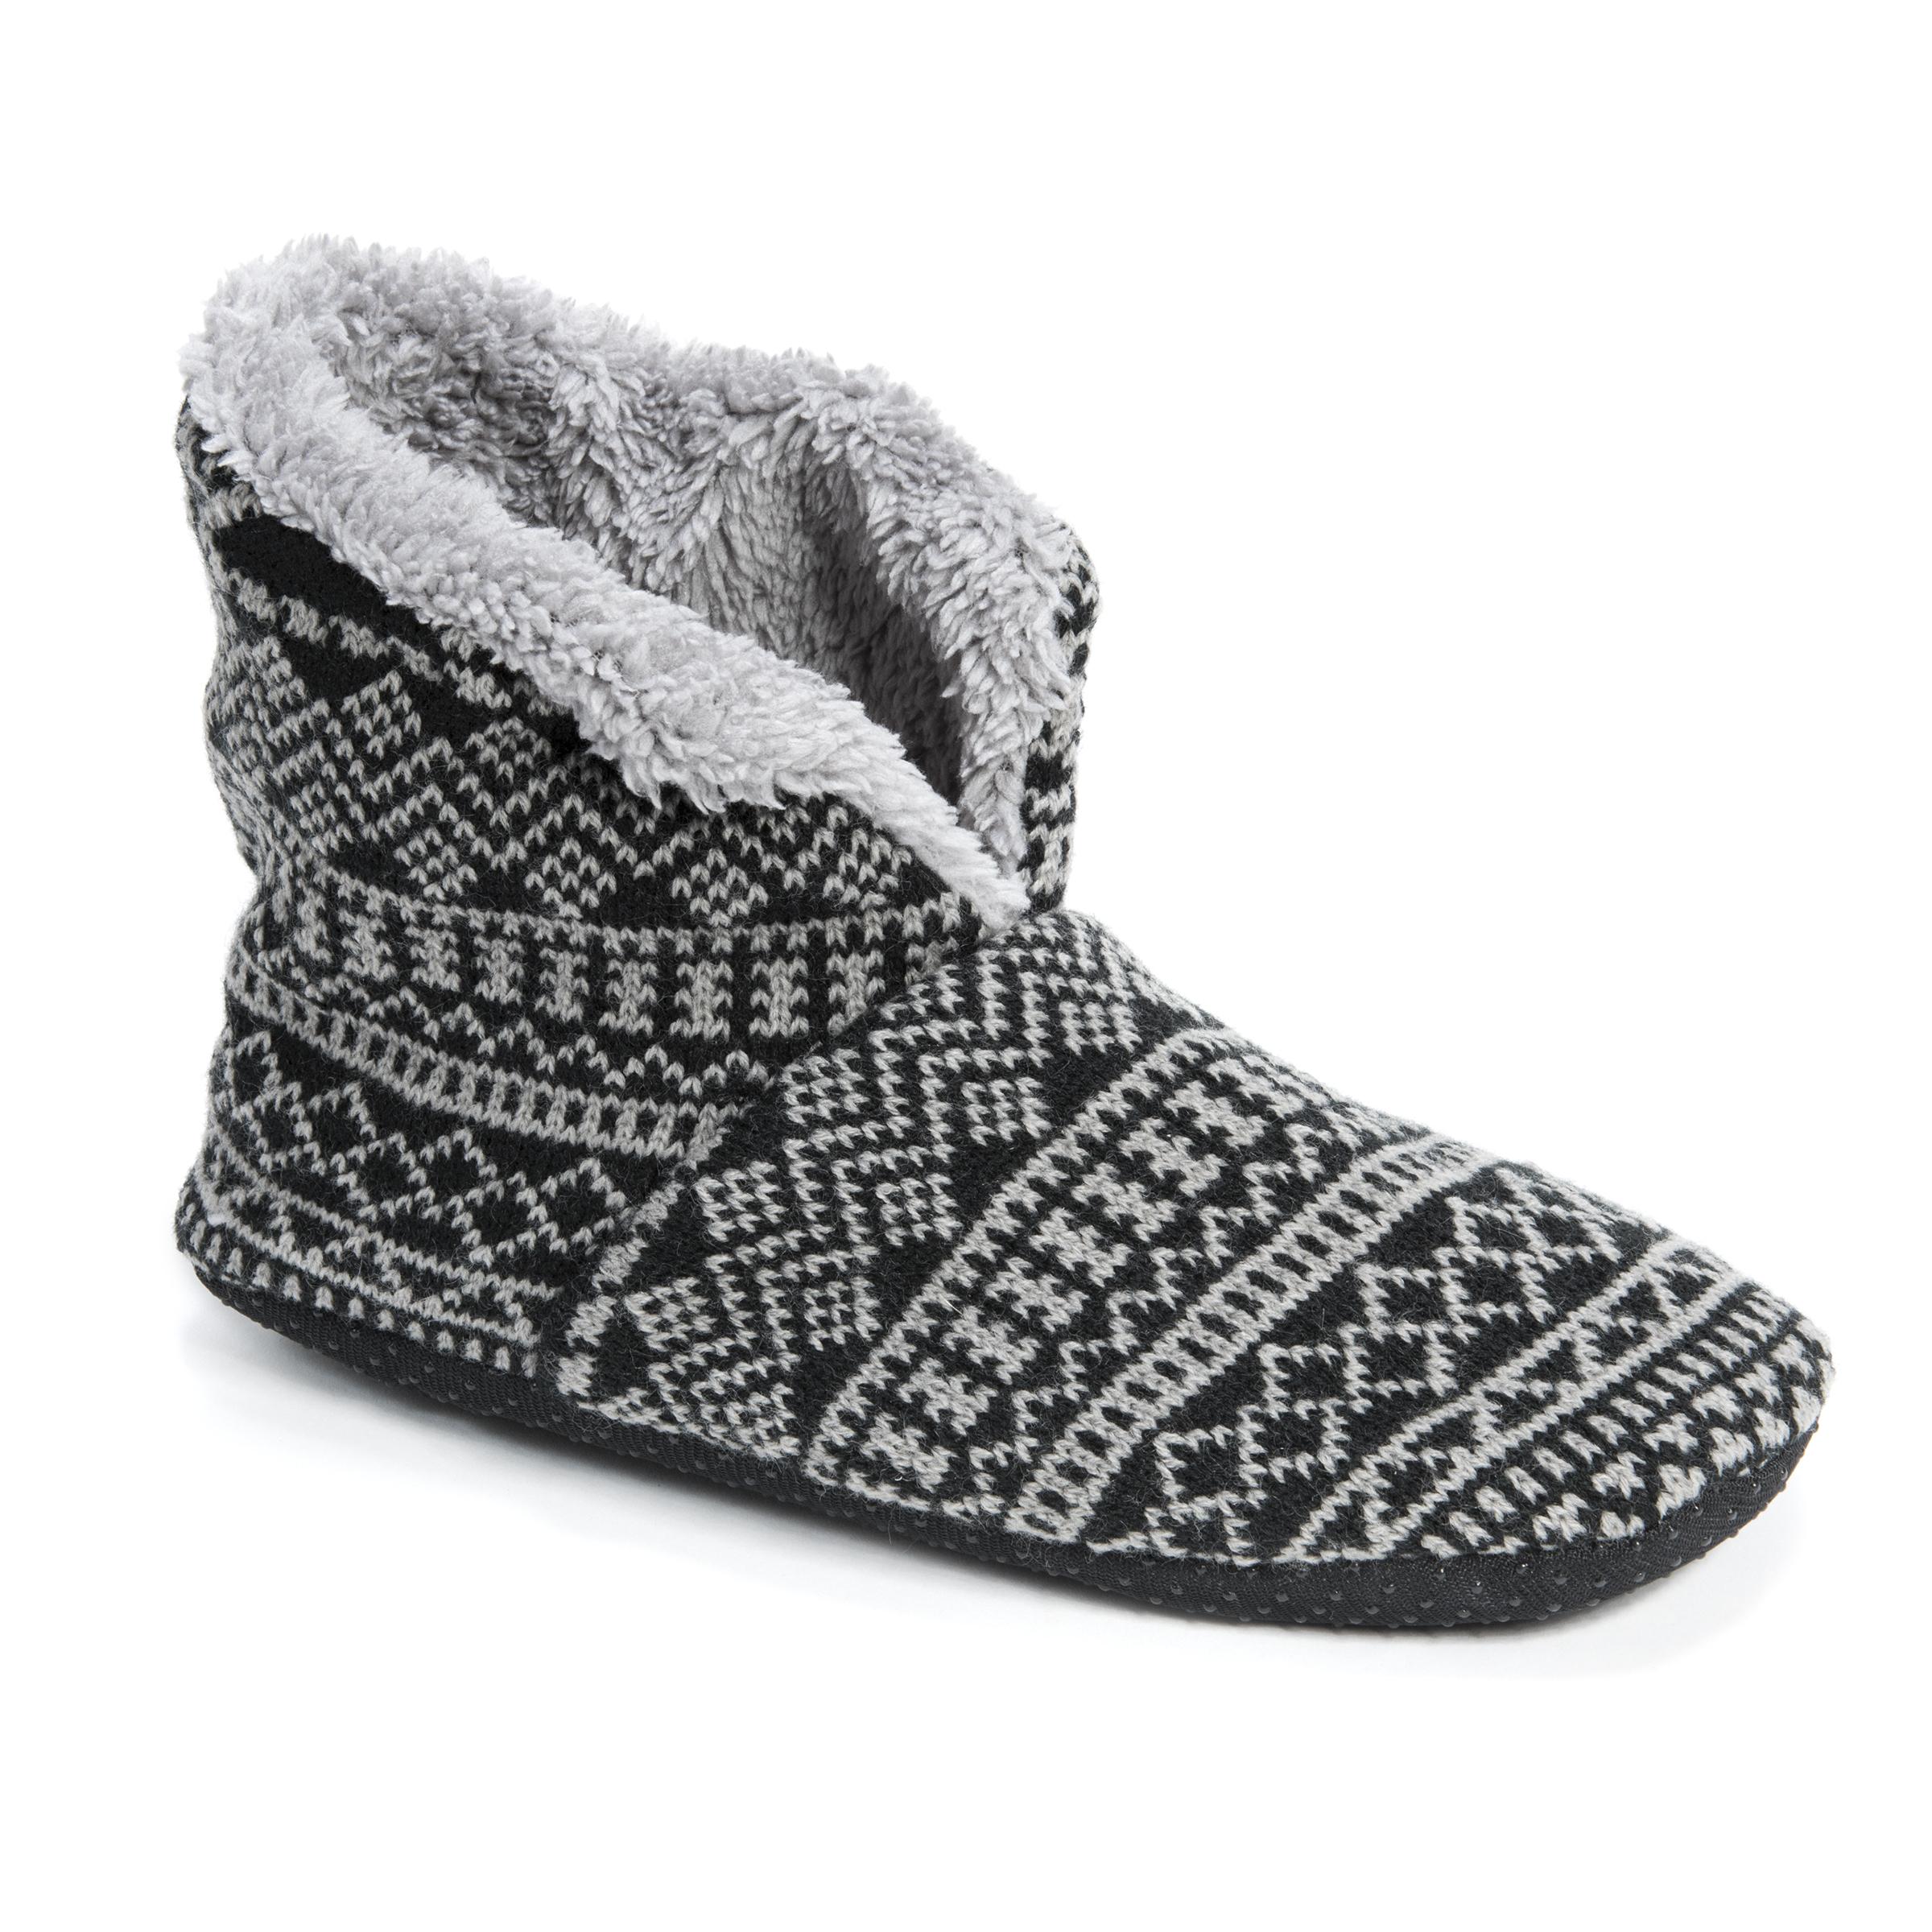 Boot Slippers For Men